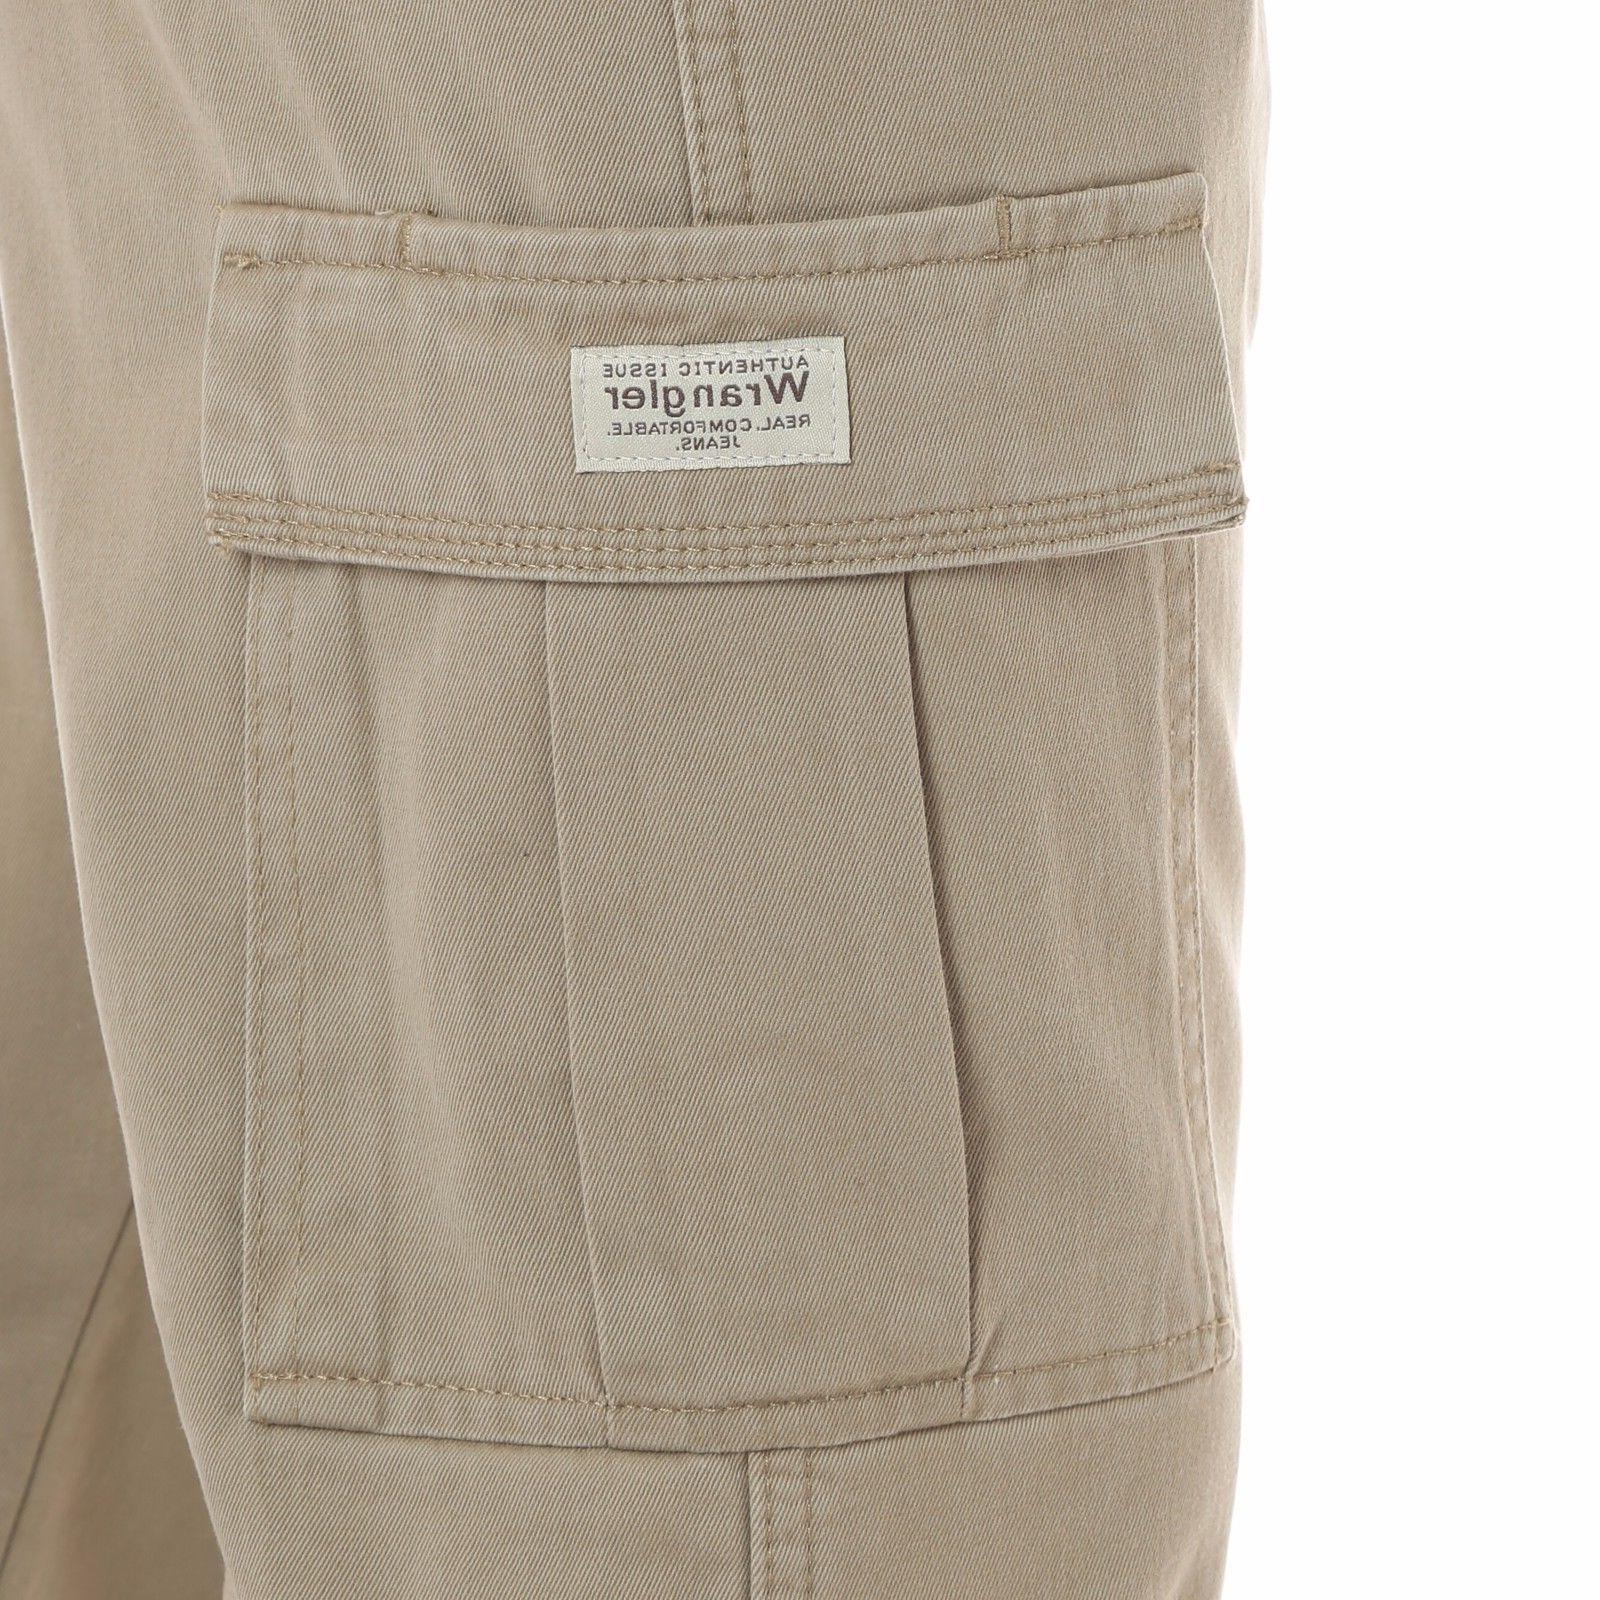 Wrangler Fleece Lined Cargo Pants Fit Work Mens